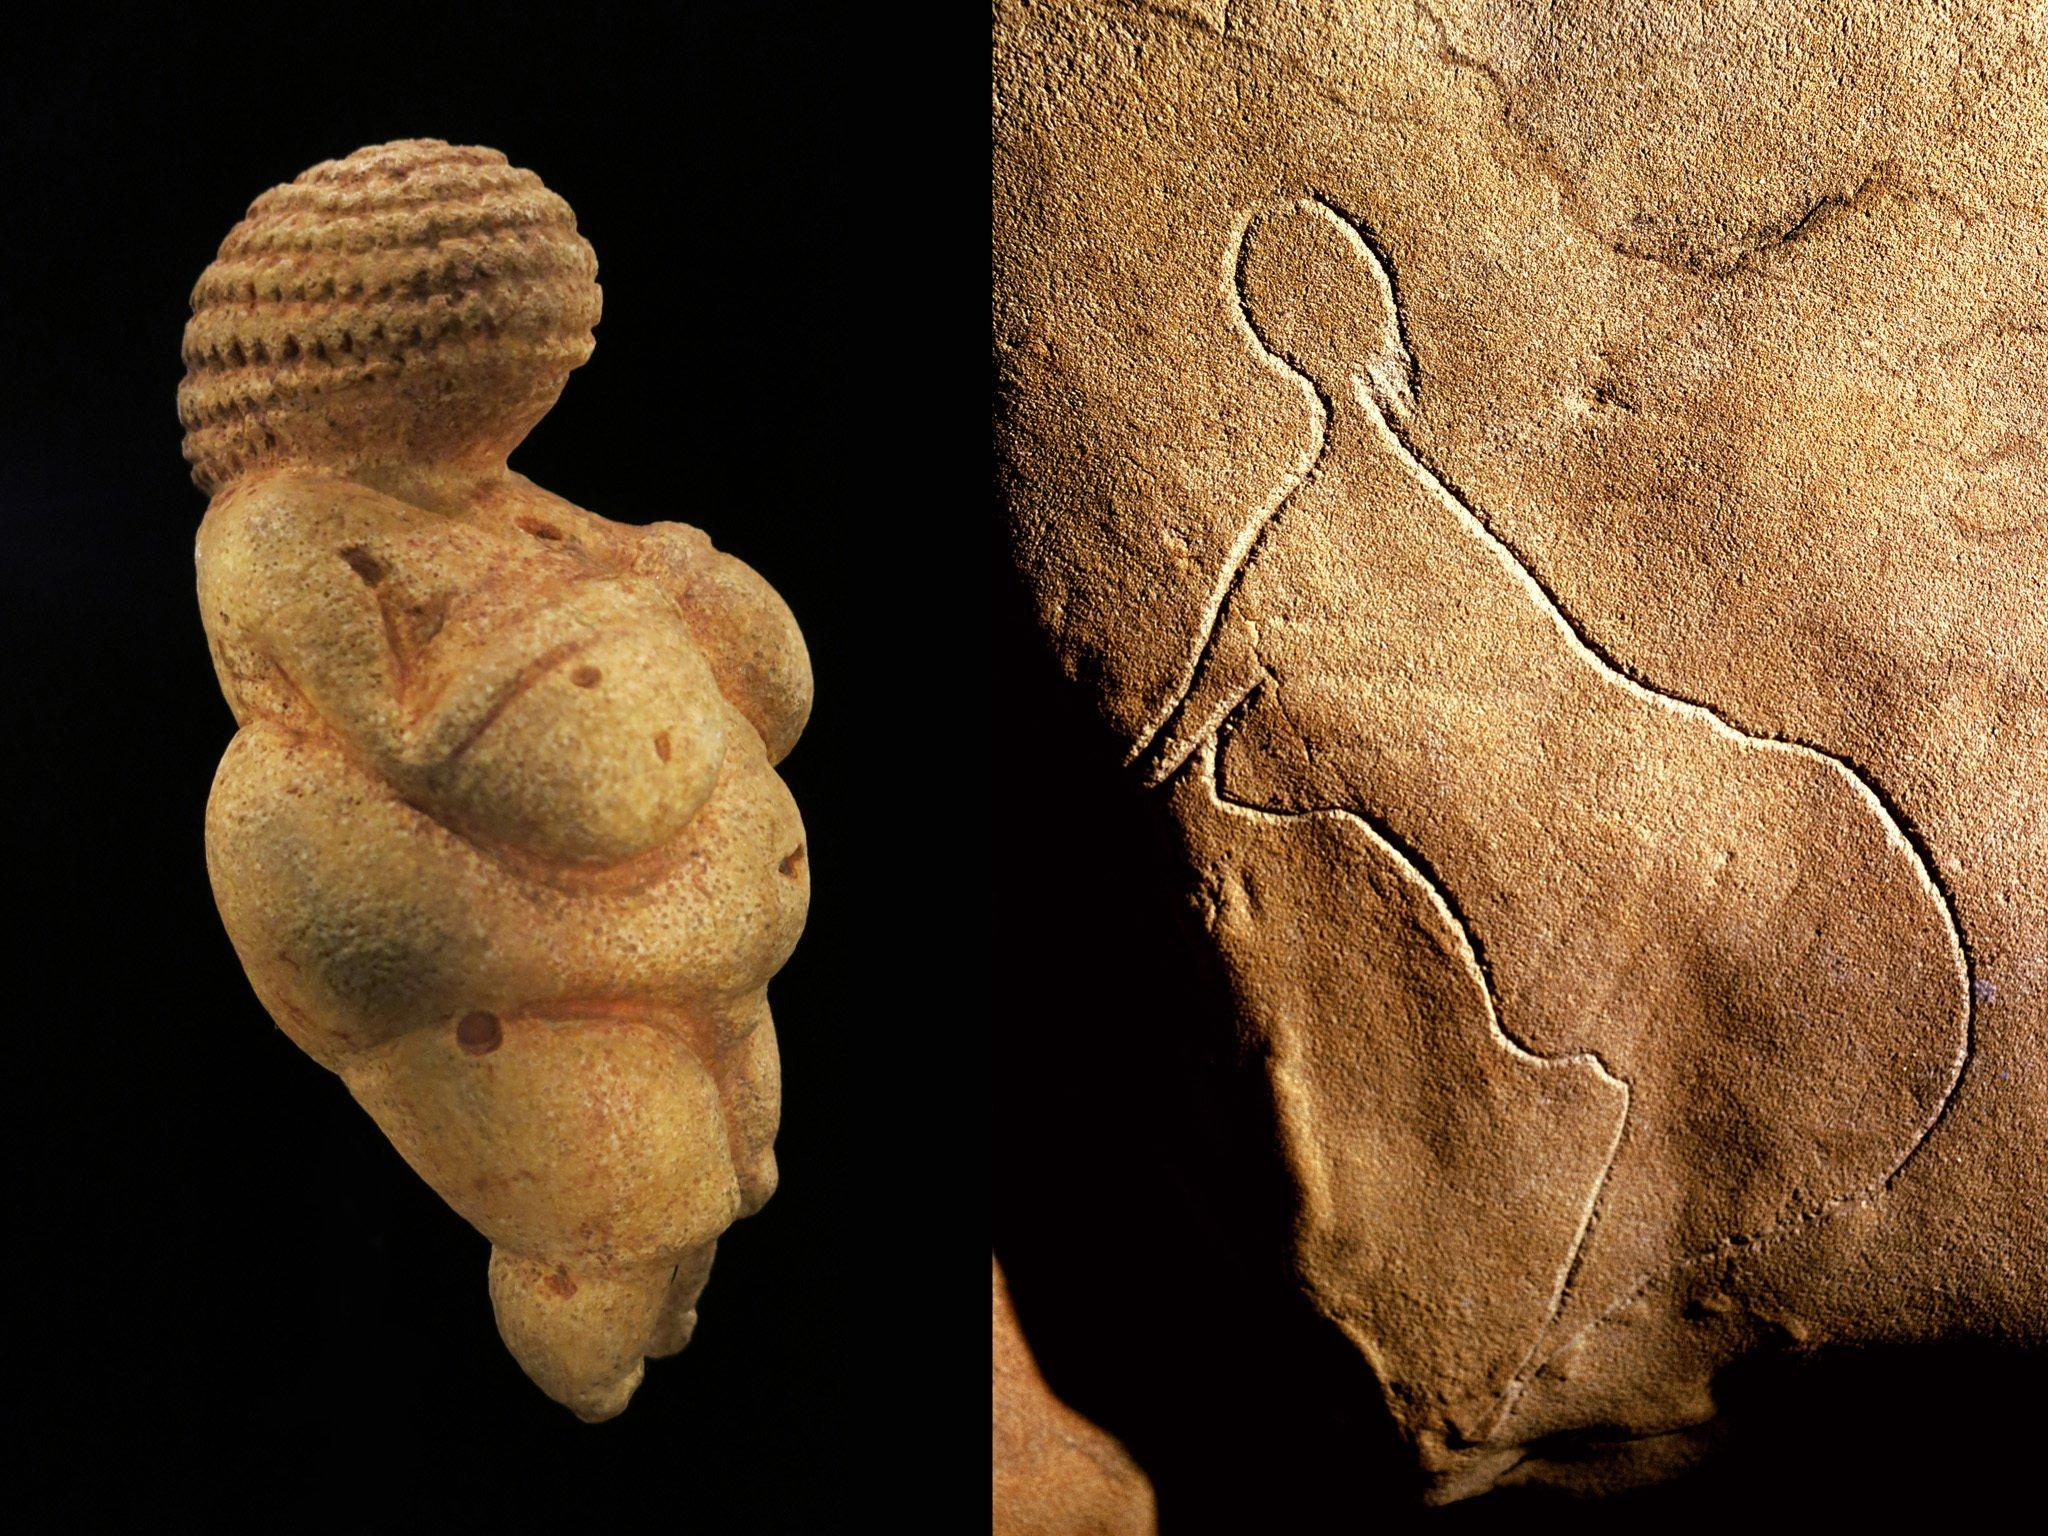 Auf der linken Seite dieser doppelten Abbildung ist die gelbliche Figur einer nackten, üppigen Frau zu sehen. Sie wurde in der Nähe von Wien gefunden und ist als Venus von Willendorf bekannt. Rechts ist der in den Fels geritzte Umriss einer Frau aus der Grotte de Cussac in Südwestfrankreich abgebildet. Figuren, Felszeichnungen und aufwendige Begräbnisse in Höhlen waren vor 25.000bis 30.000Jahren stark verbreitet. Forschende bezeichnen die Kulturepoche jener Zeit als Gravettien.